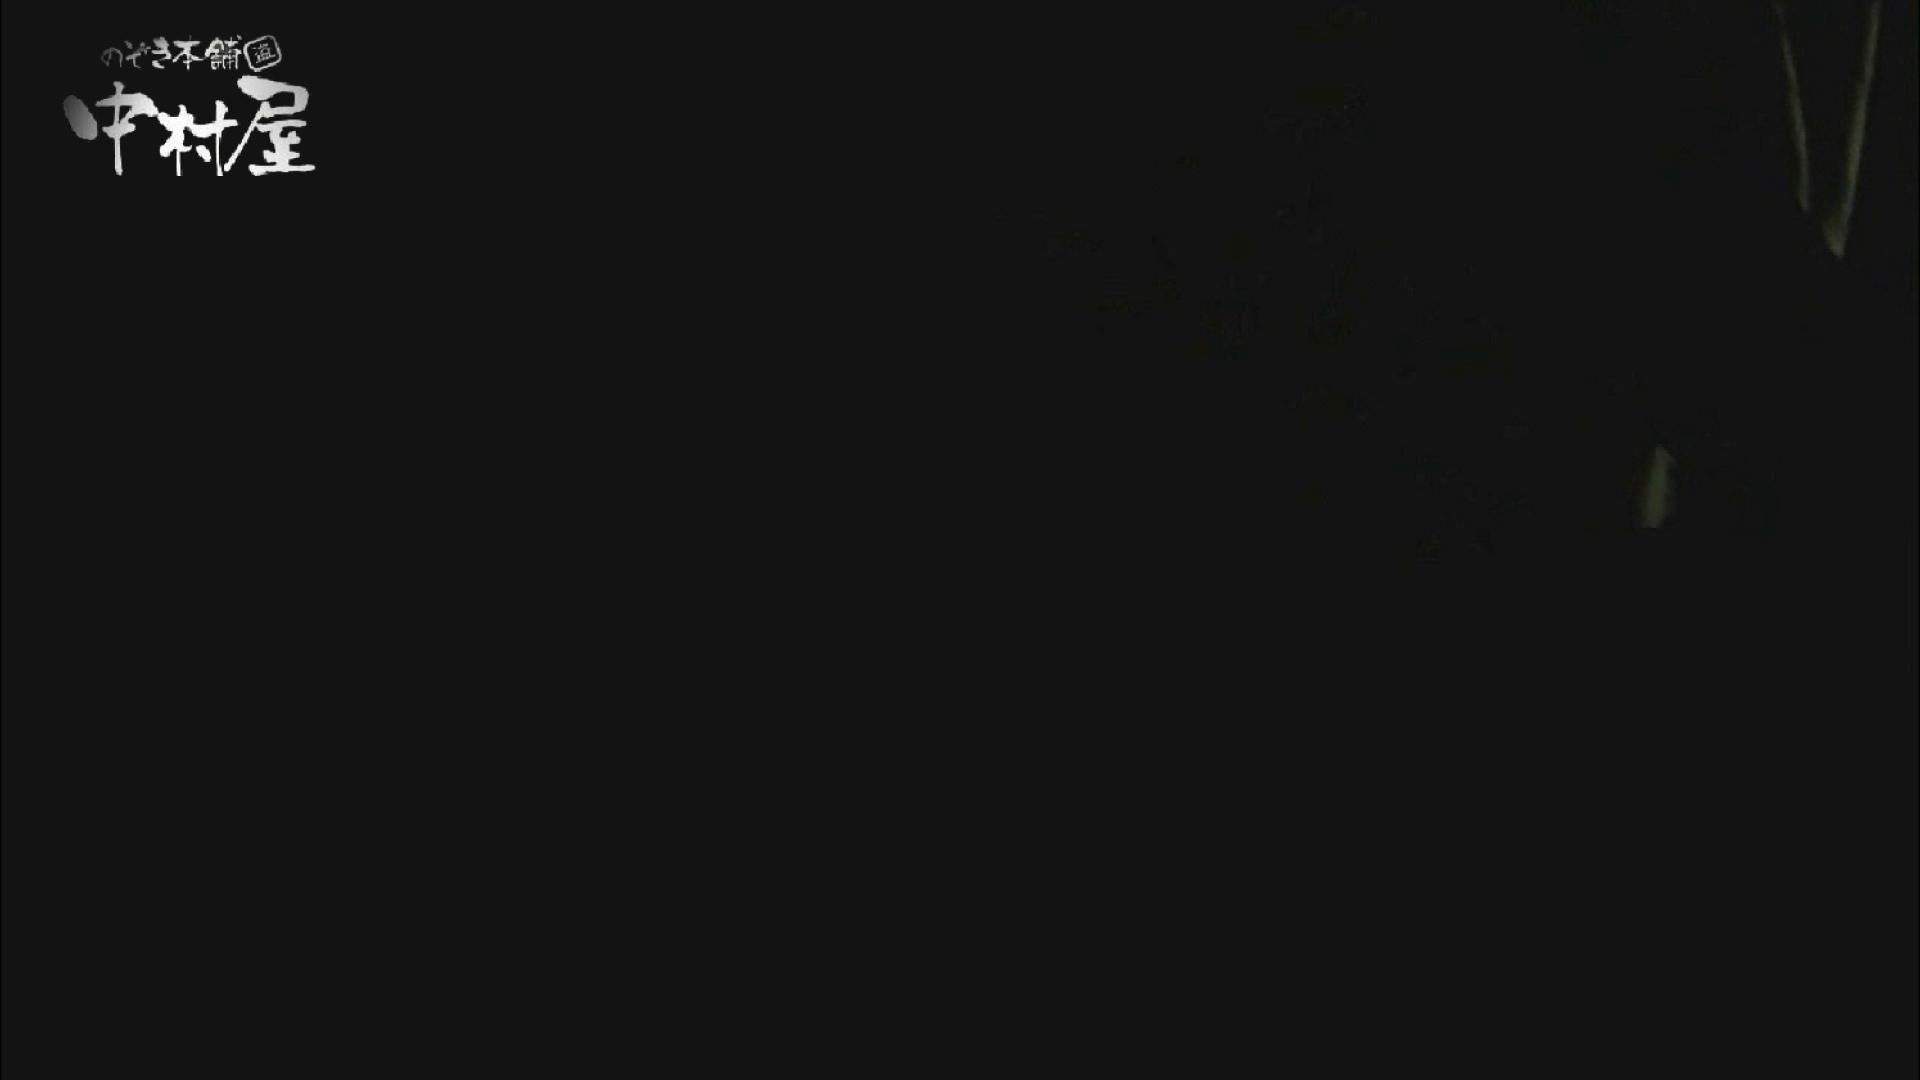 欲望 リアルドール Vol.01 Kちゃんショップ店員店員20歳 女子大生丸裸  71pic 64